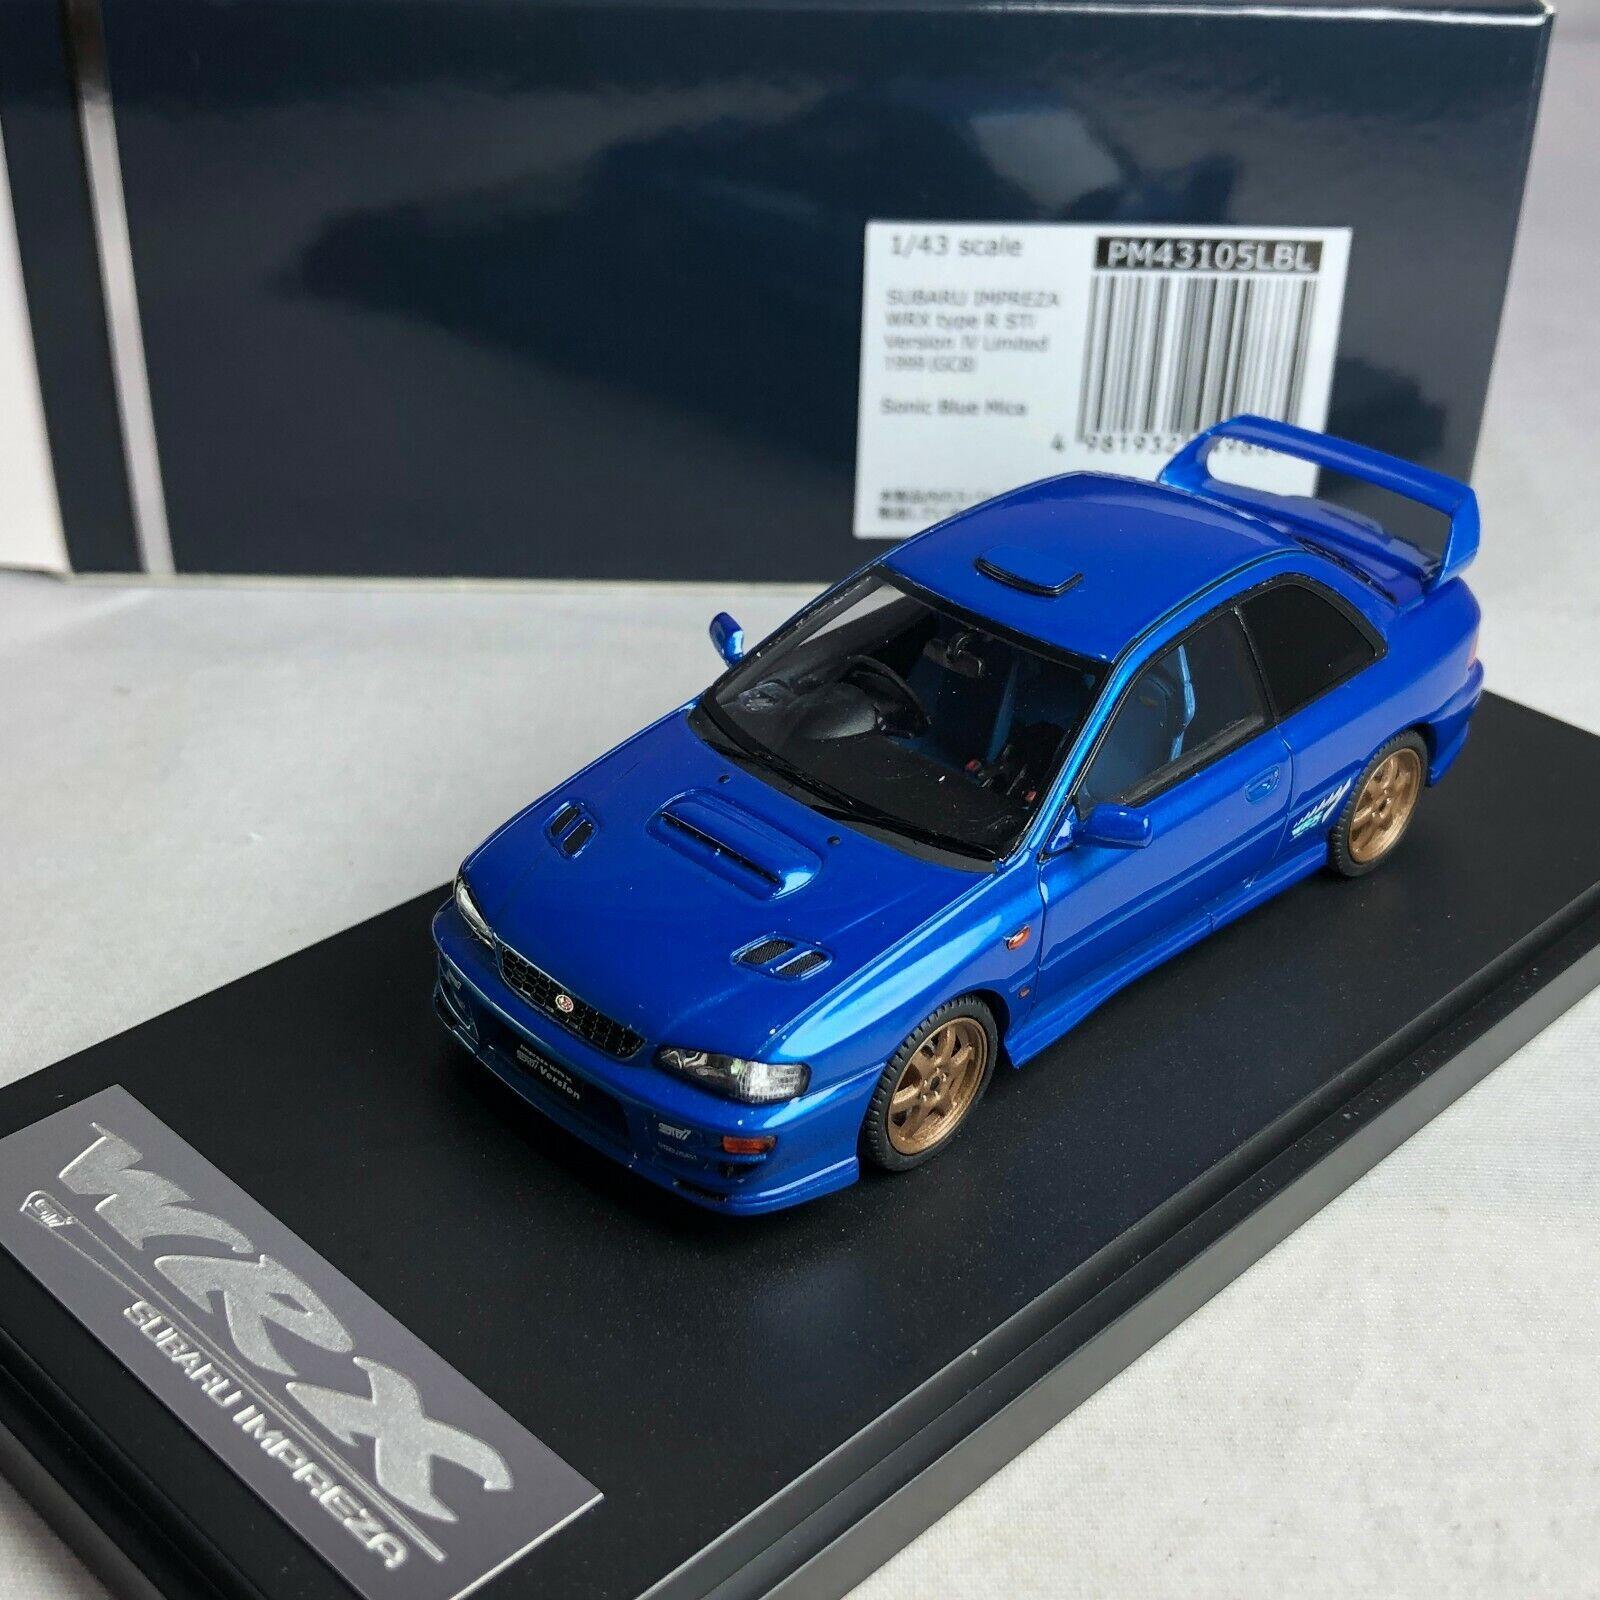 Para tu estilo de juego a los precios más baratos. 1 43 Mark 43 Subaru Impreza Wrx Type-R Sti Sti Sti versión IV 1999 GC8 Azul PM43105LBL  tienda de descuento